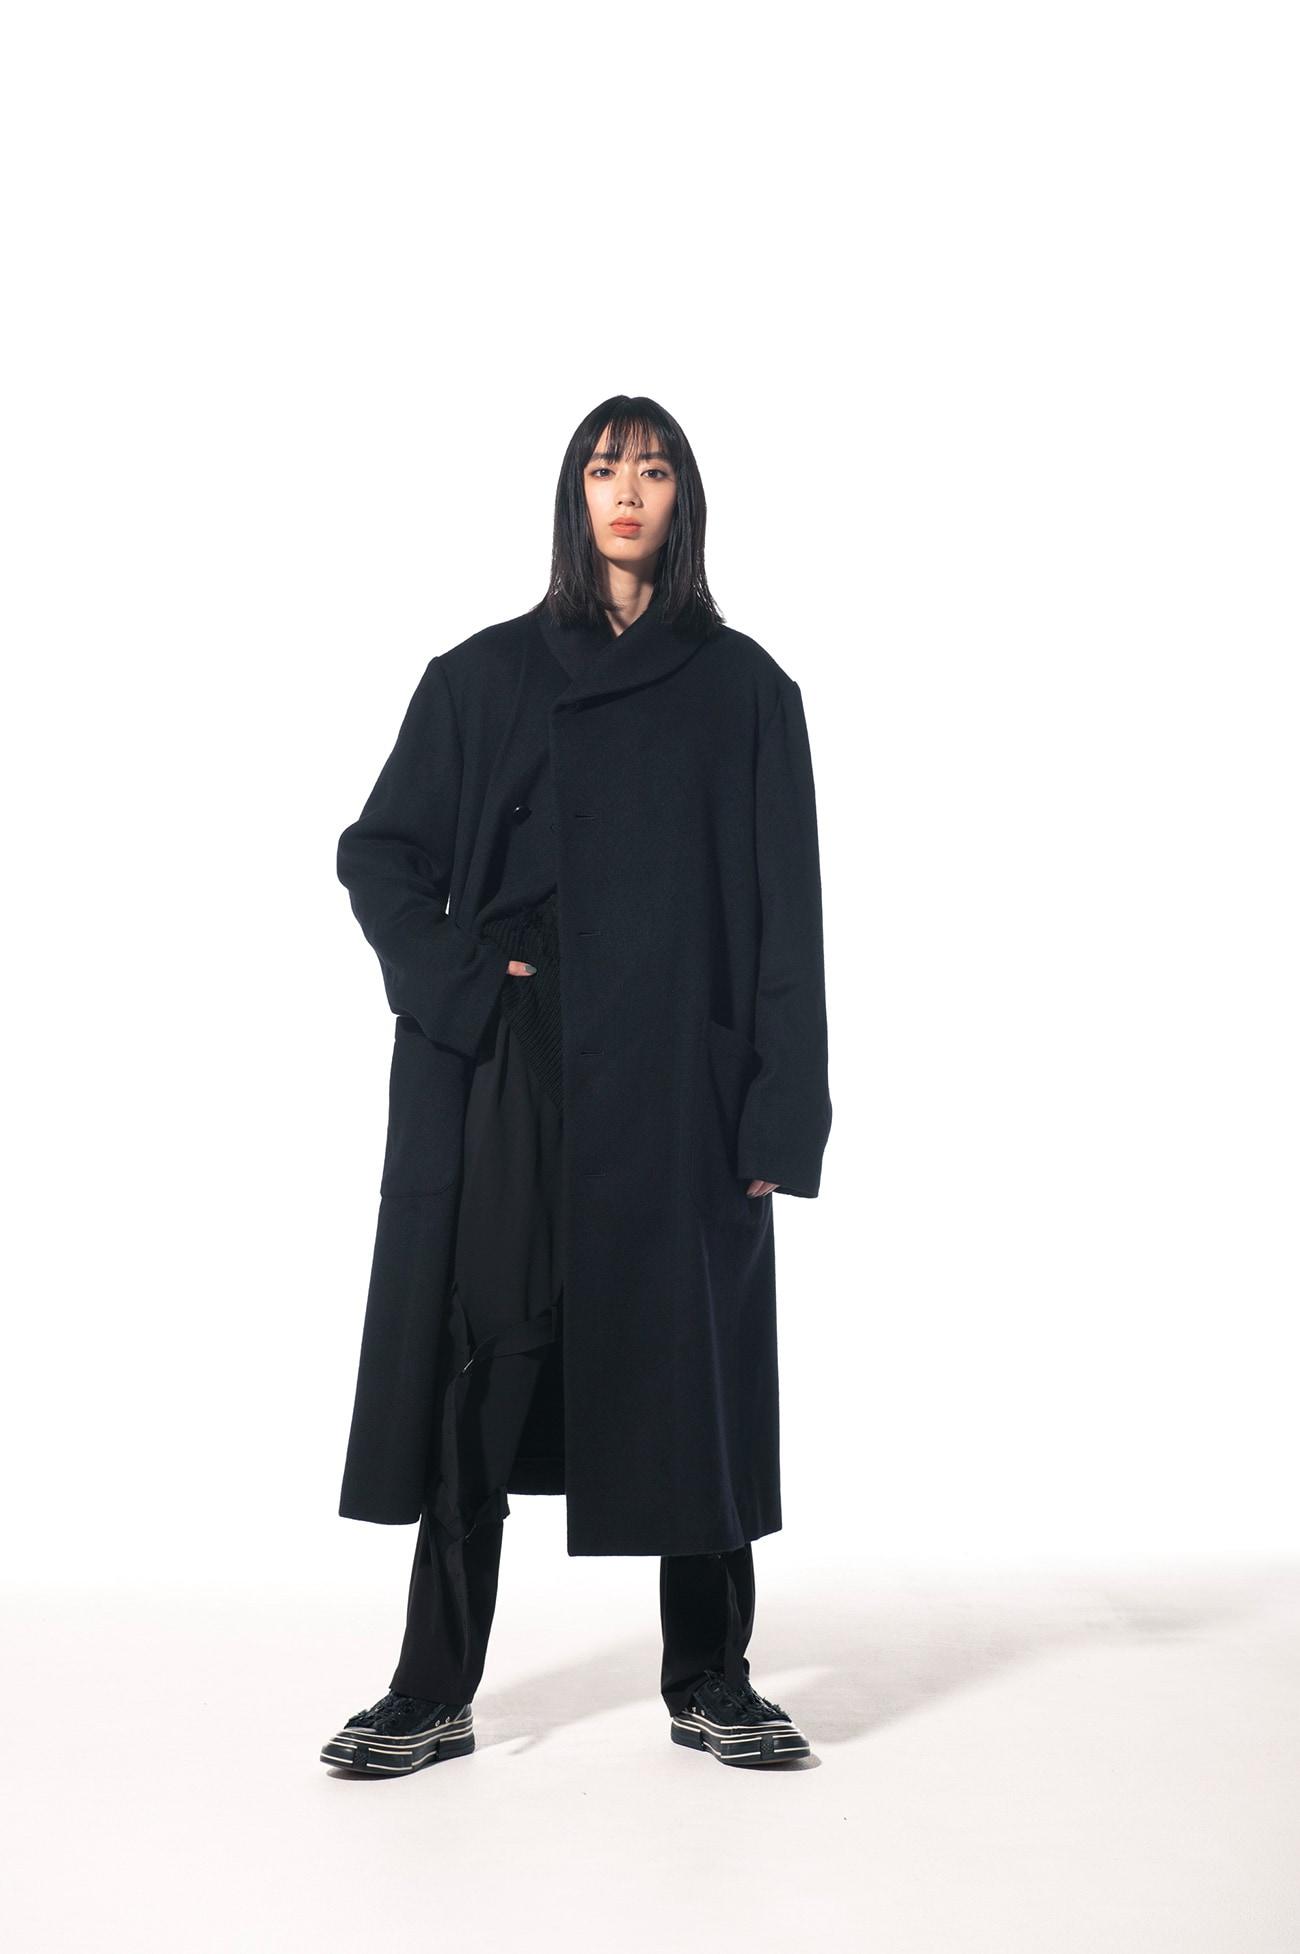 YOKO Yk072//Hvp463 Surpantalon imperm/éable Haute visibilit/é Homme